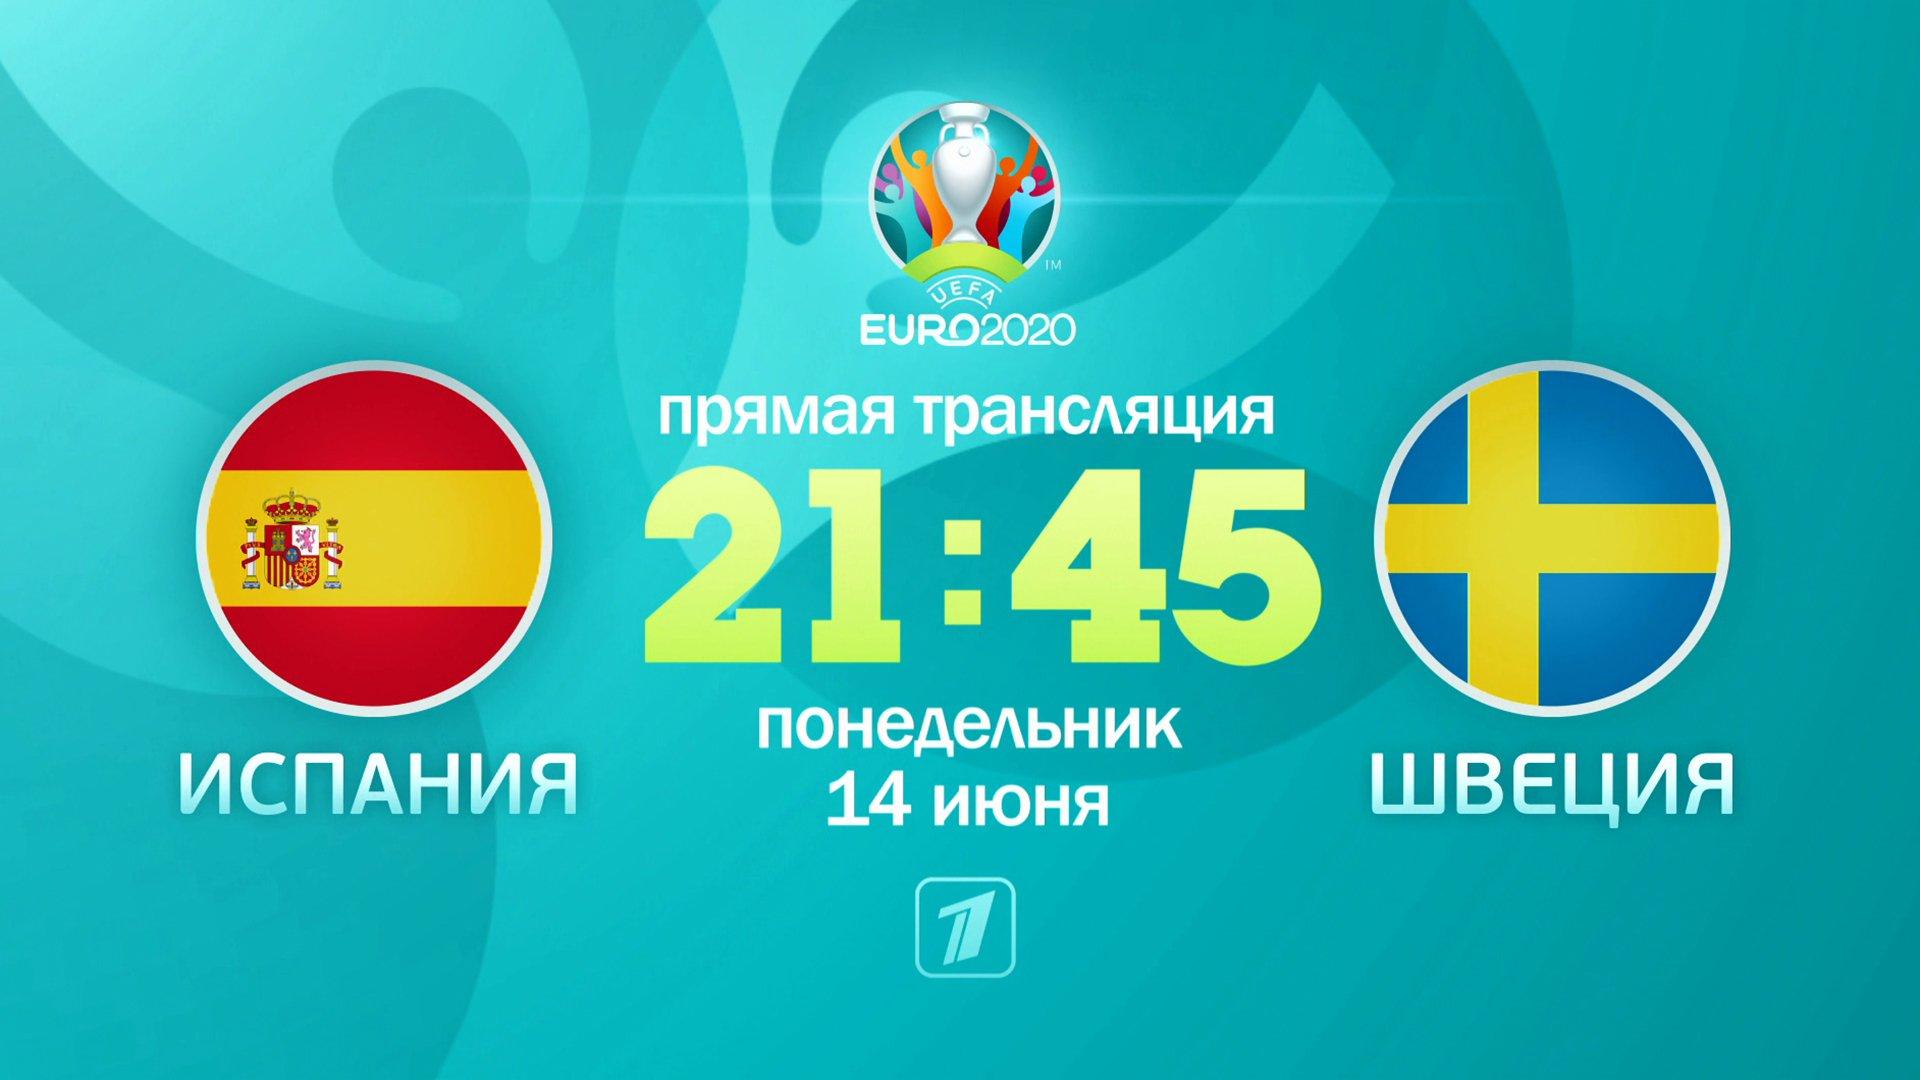 Чемпионат Европы пофутболу 2020. Сборная Испании— сборная Швеции. Прямой эфир изИспании